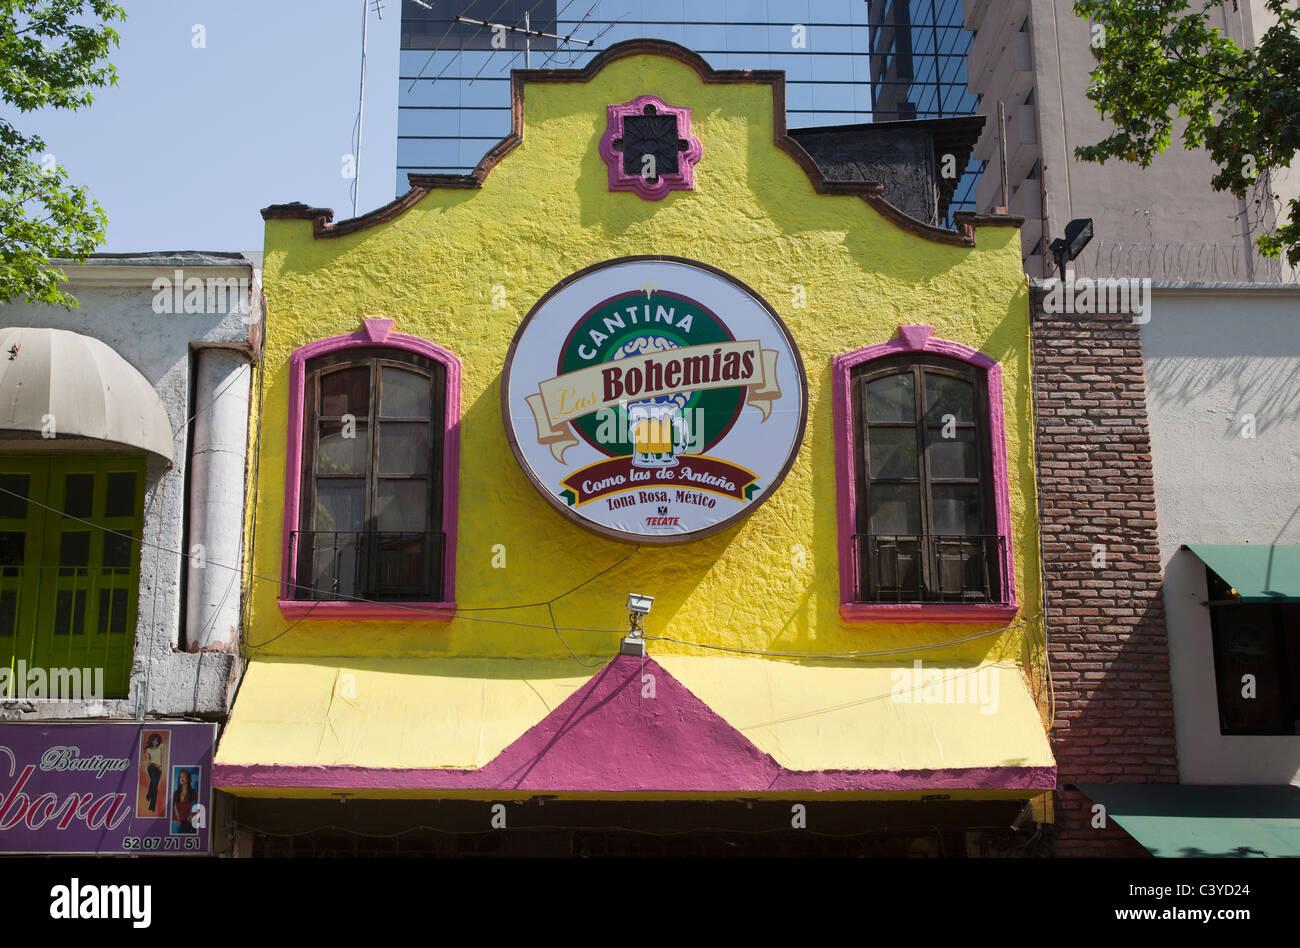 Cantina Las Bohemias Zona Rosa Mexico City - Stock Image